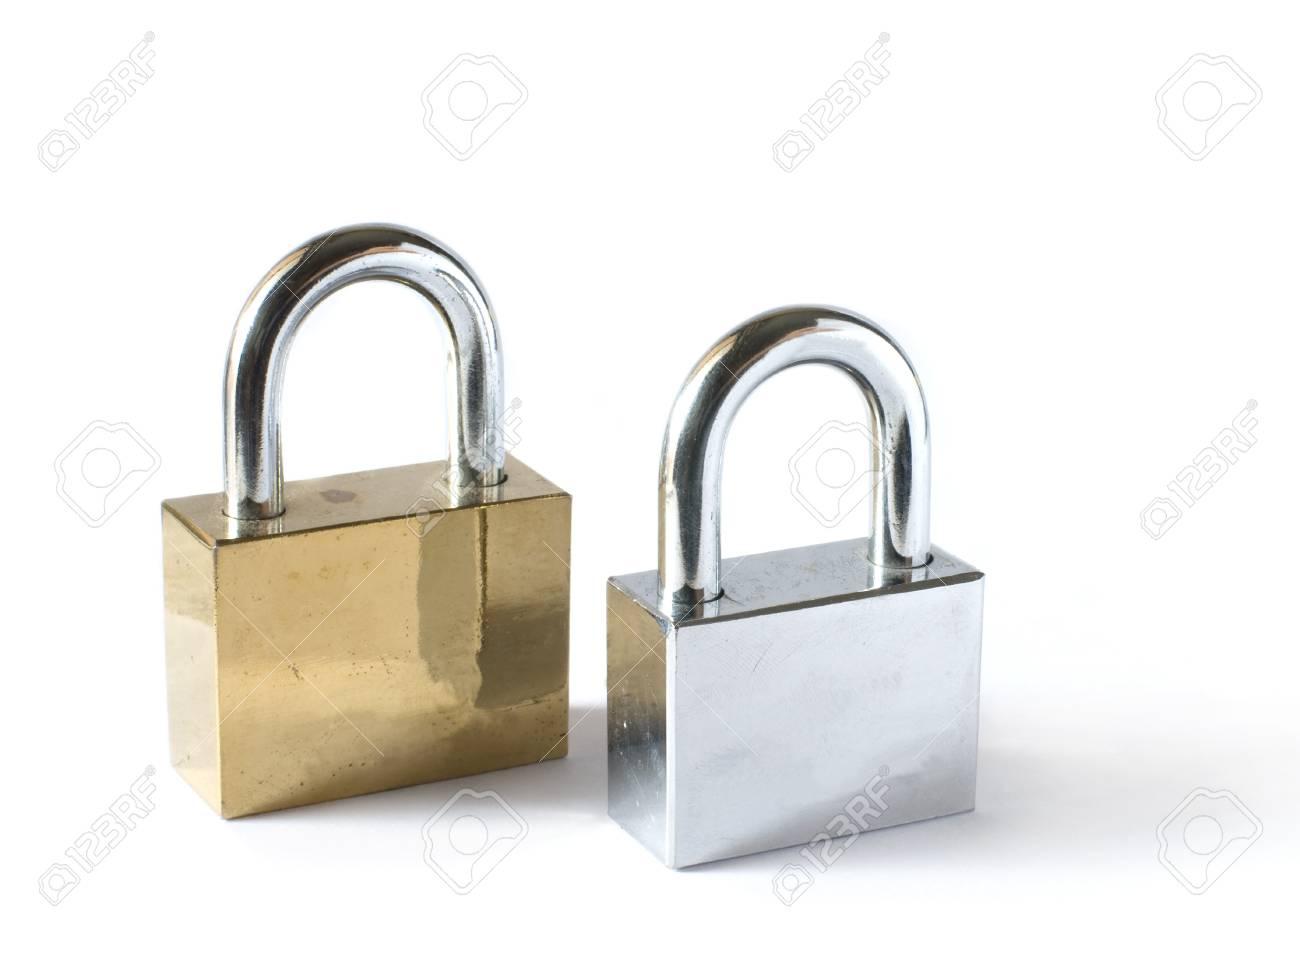 padlocks isolated on white background Stock Photo - 15305448